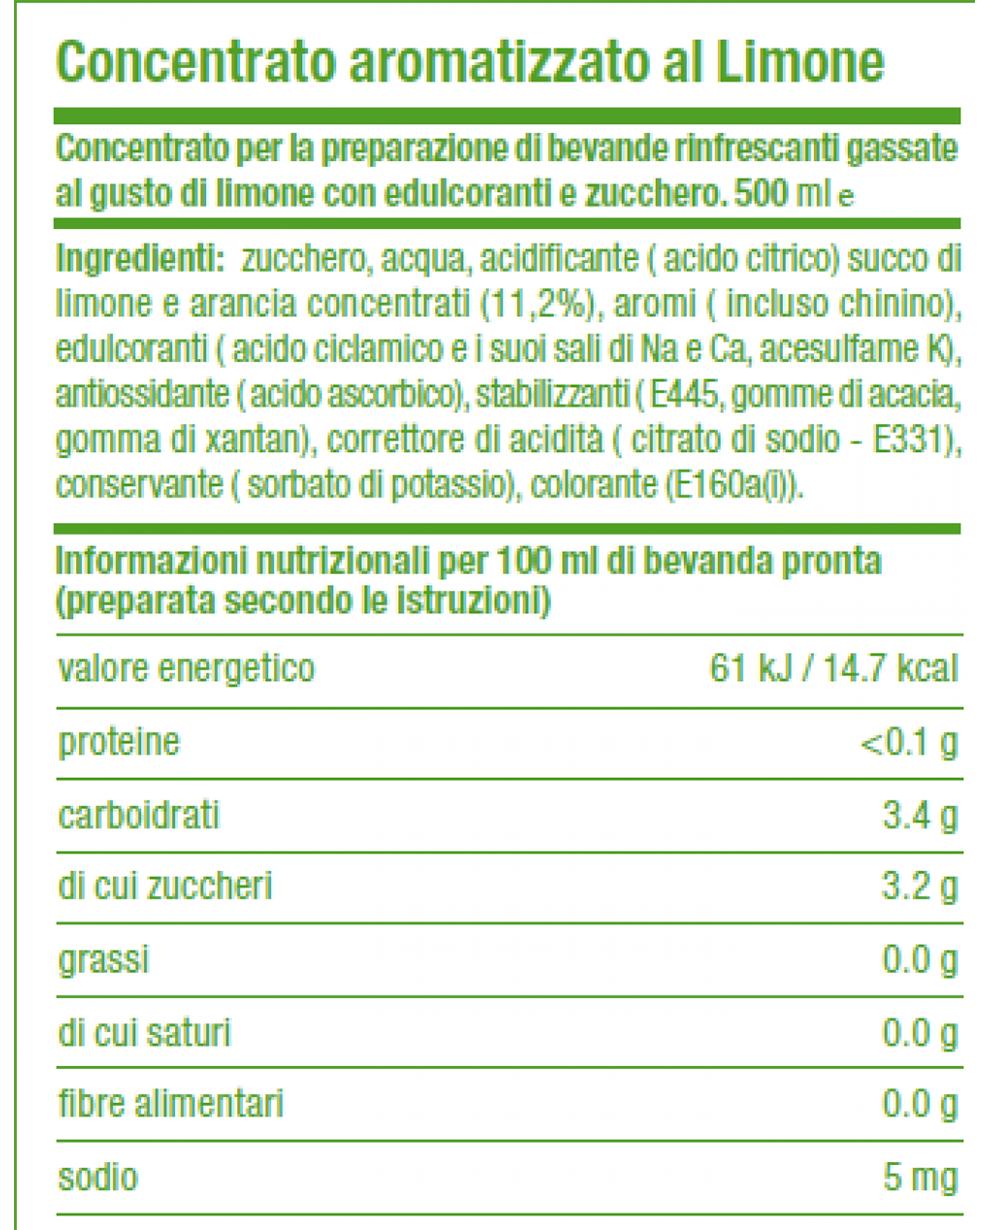 Valori Nutrizionali Concentrato SodaStream Limone